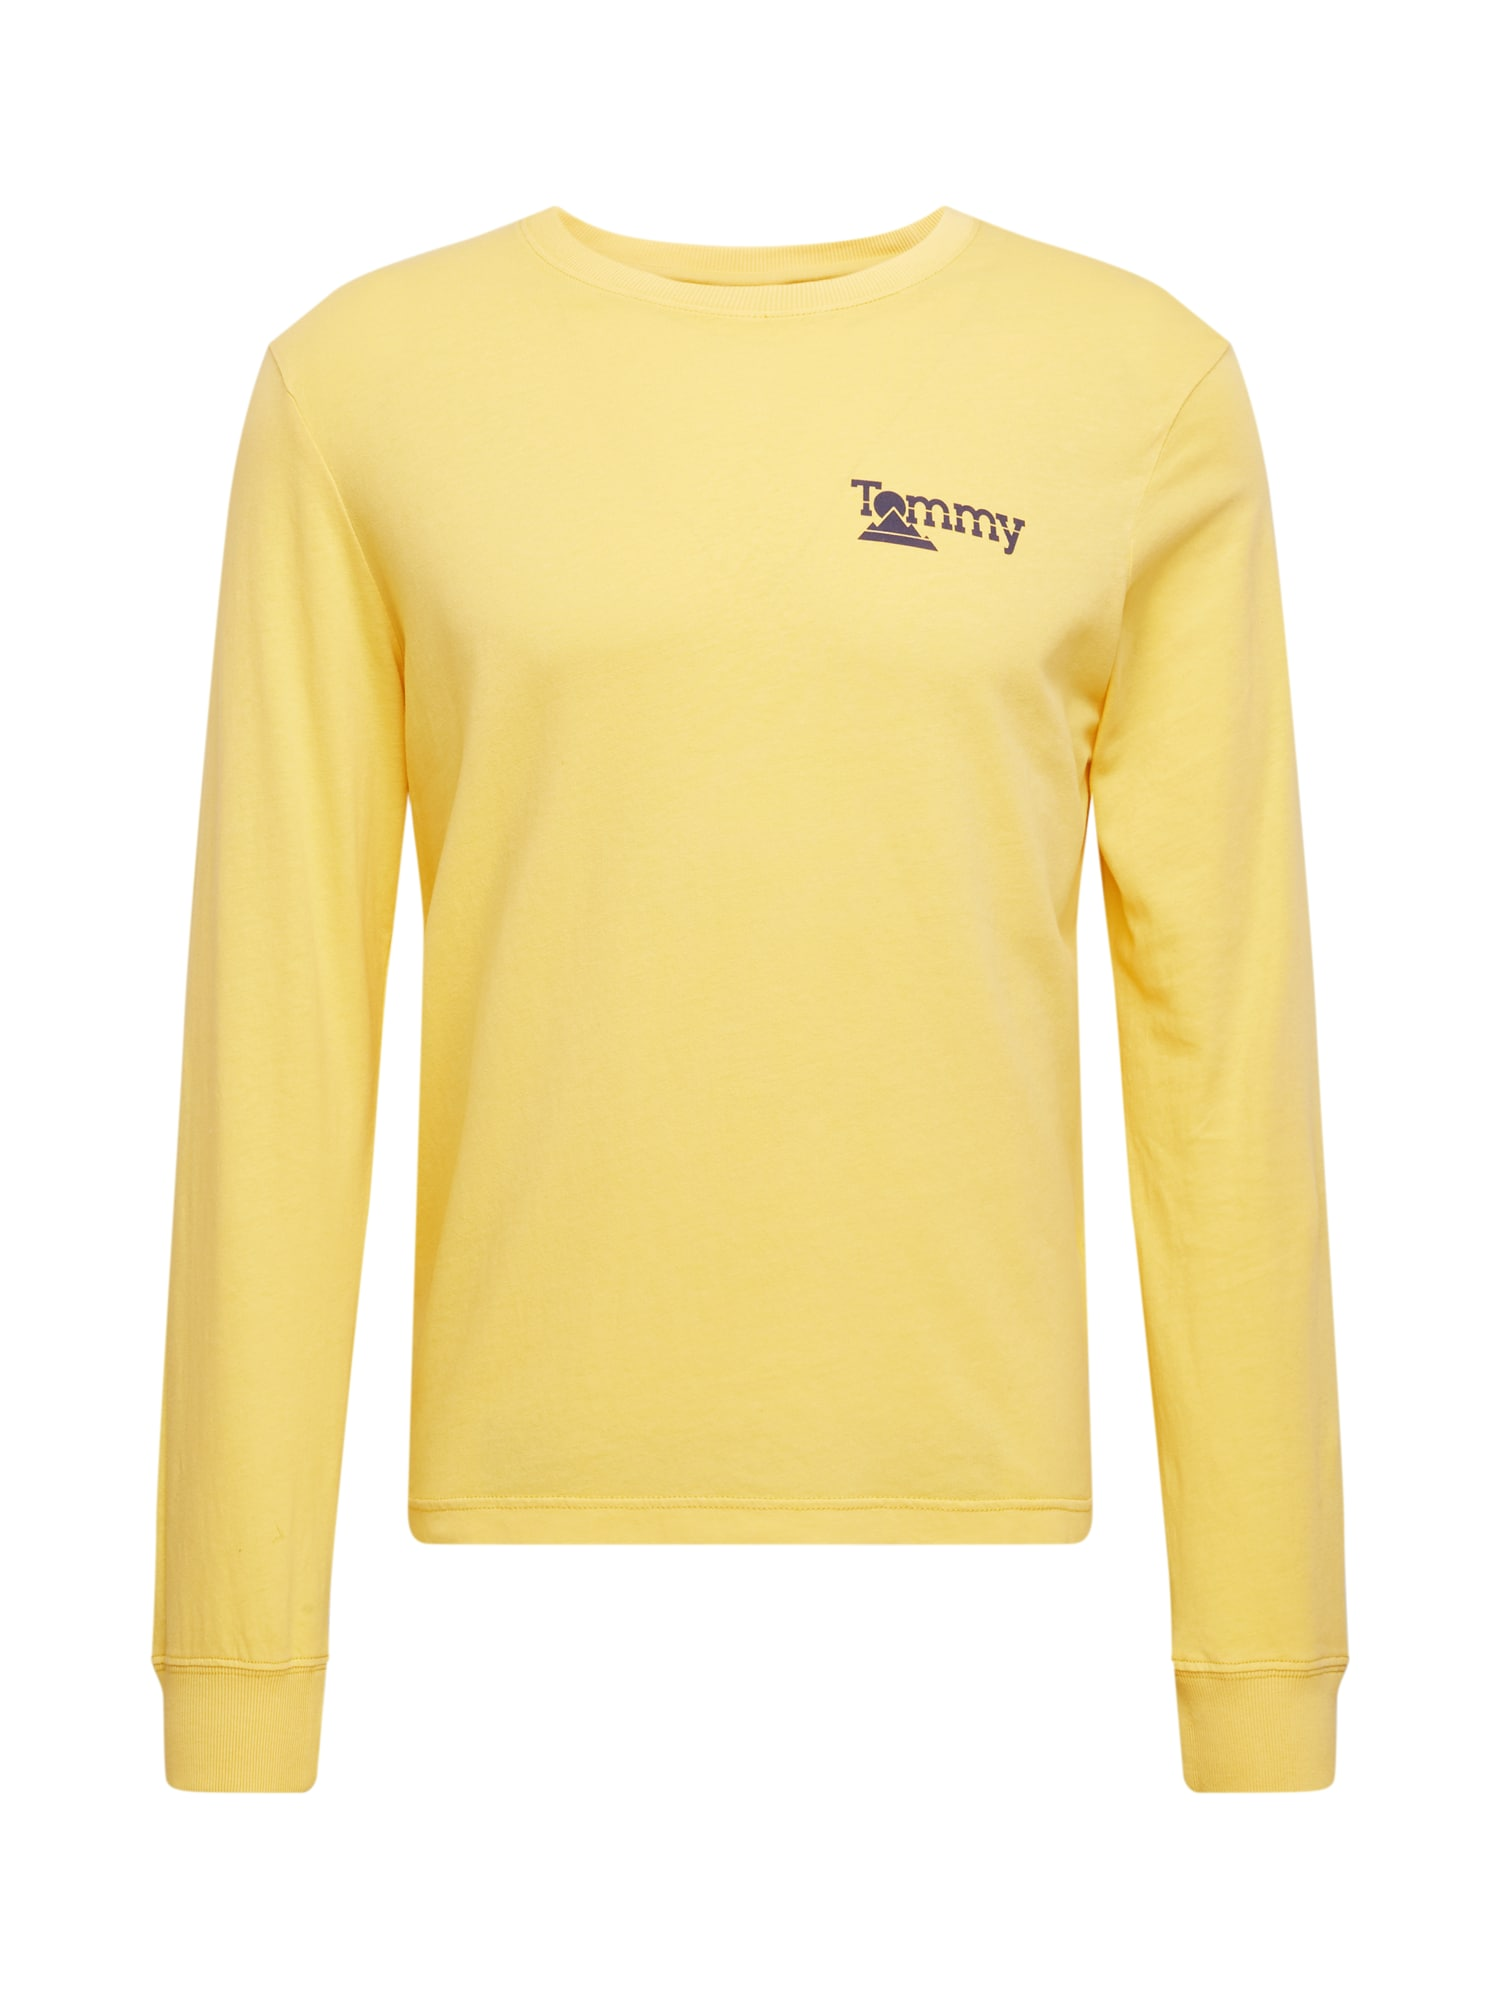 Tommy Jeans Tričko 'Mountain'  žlutá / tmavě modrá / bílá